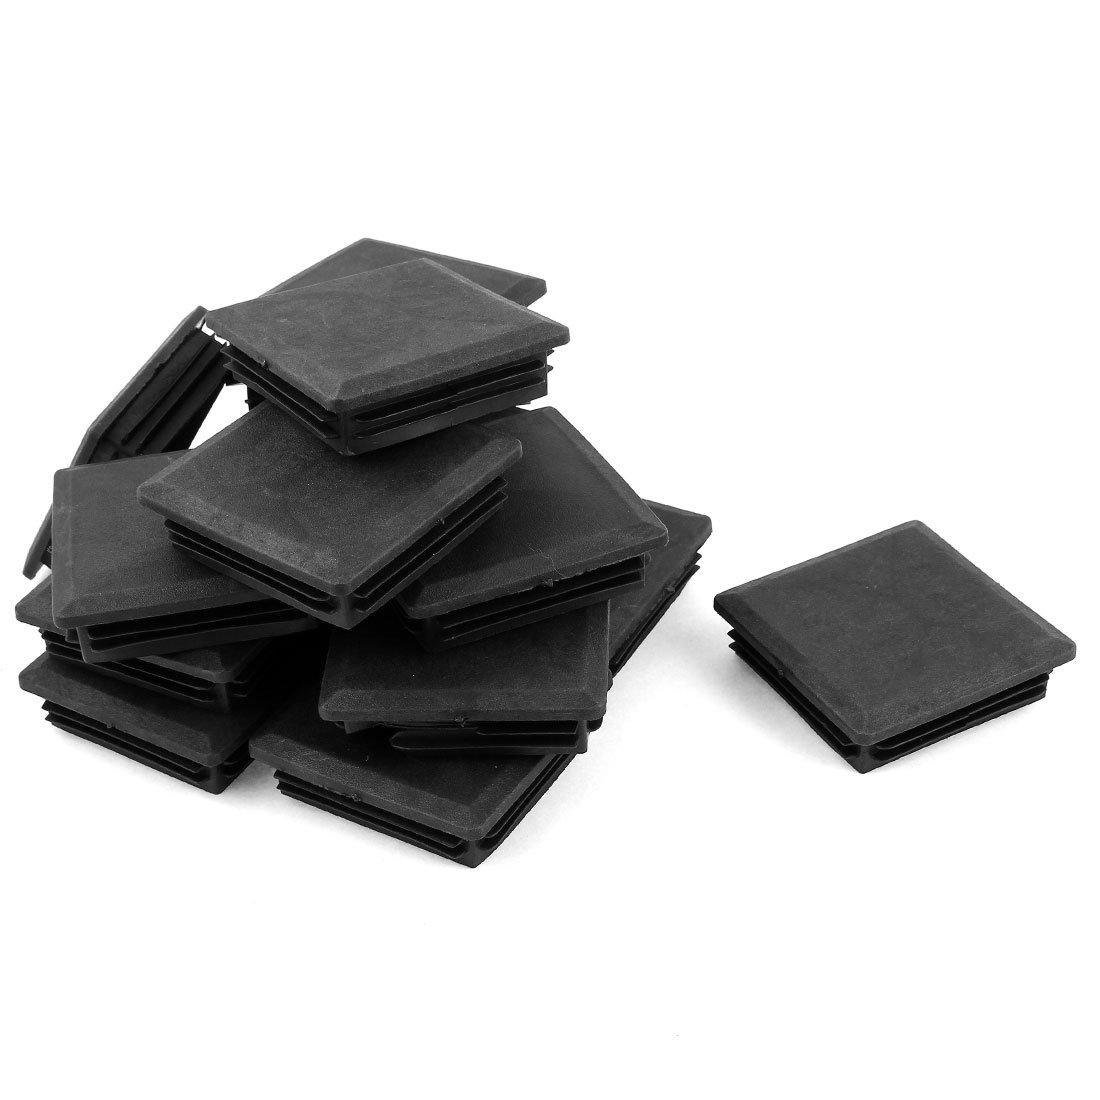 sourcingmap 24 pezzi nero plastica quadrato tappo chiusura segare tubo inserti 80mm x 80mm a14091000ux0093